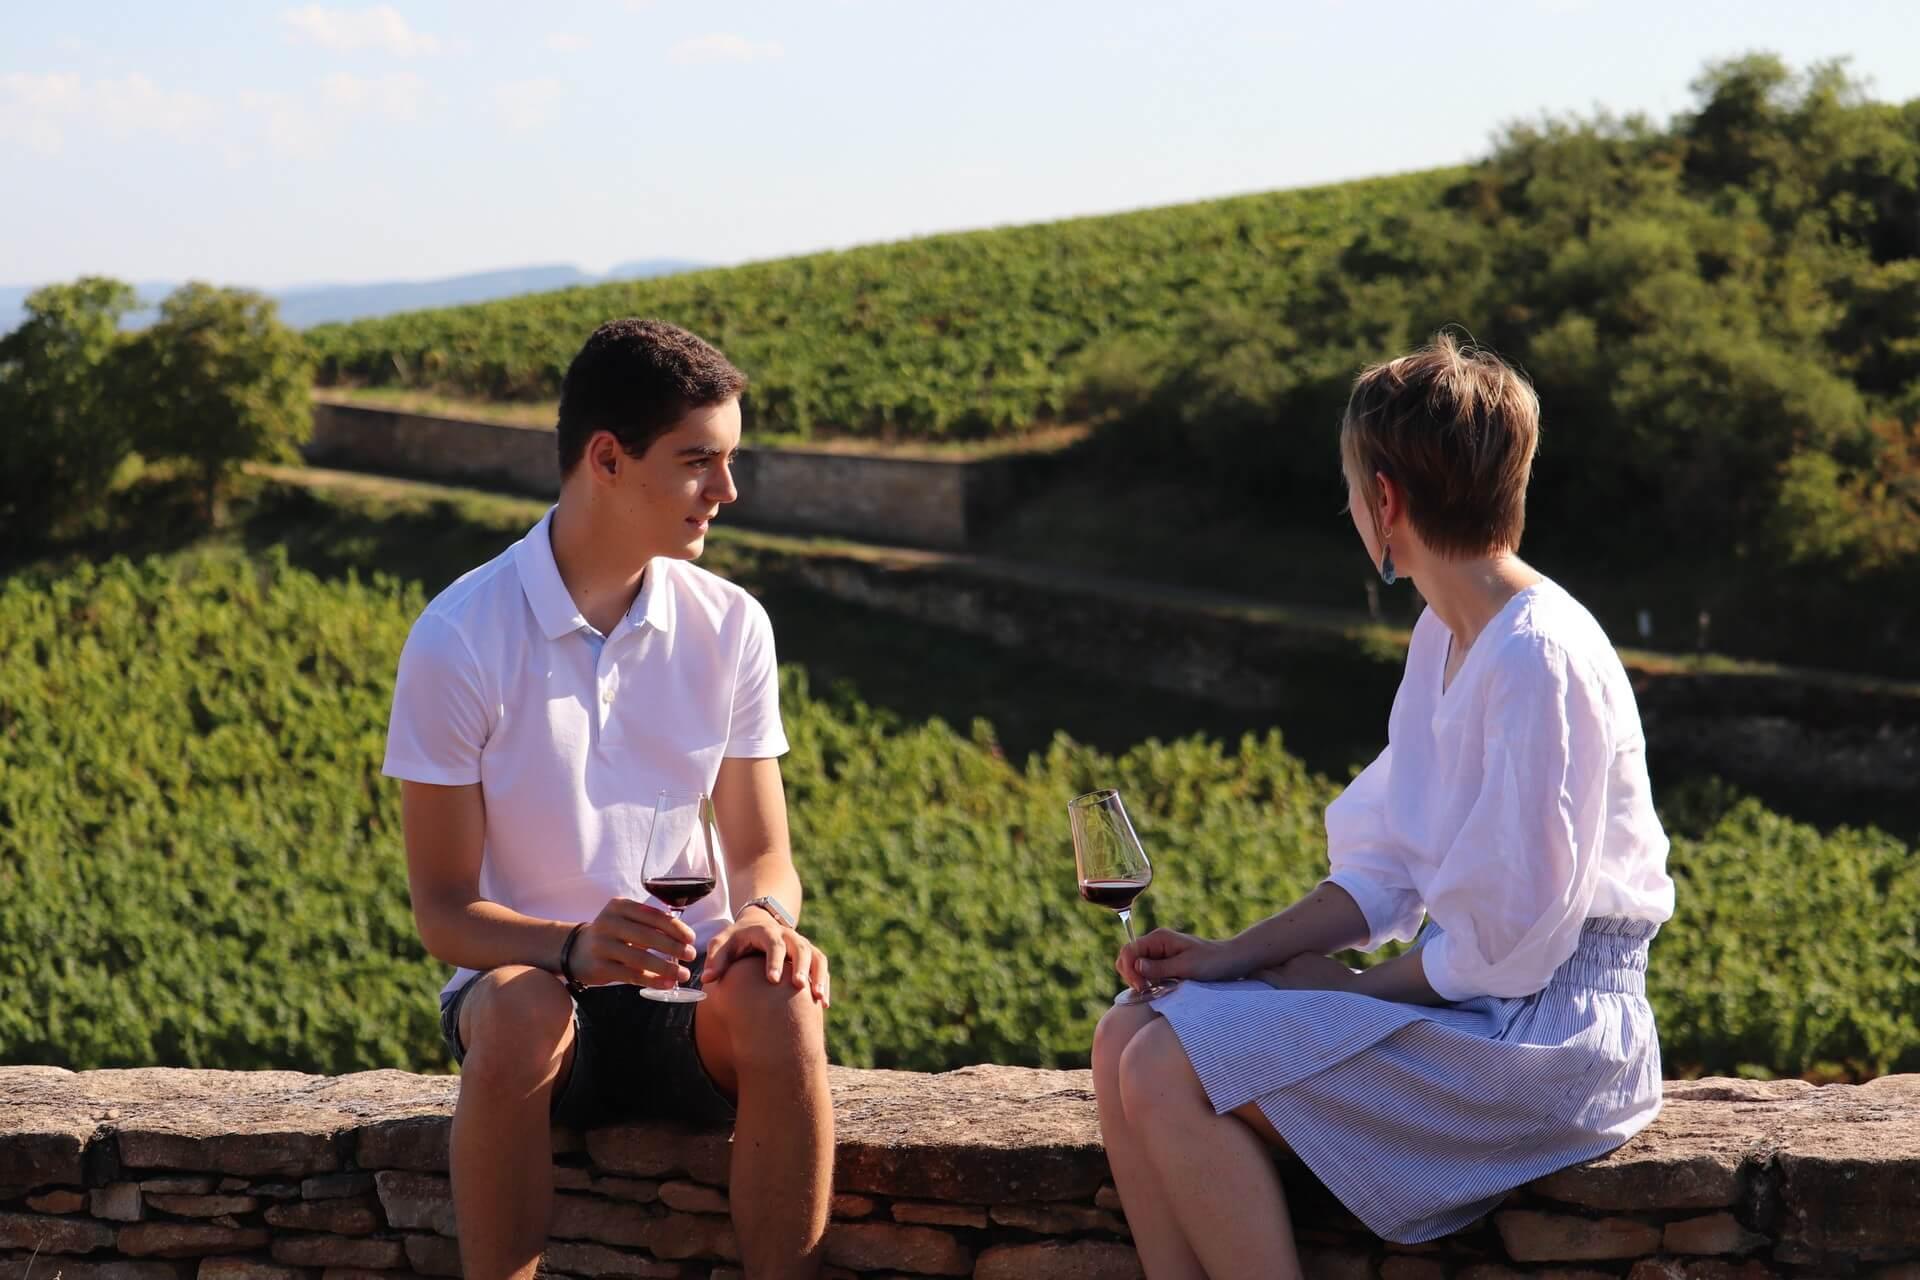 Sensation Vin propose des wine tours avec dégustation dans les vignes - Sensation Vin © Sensation Vin